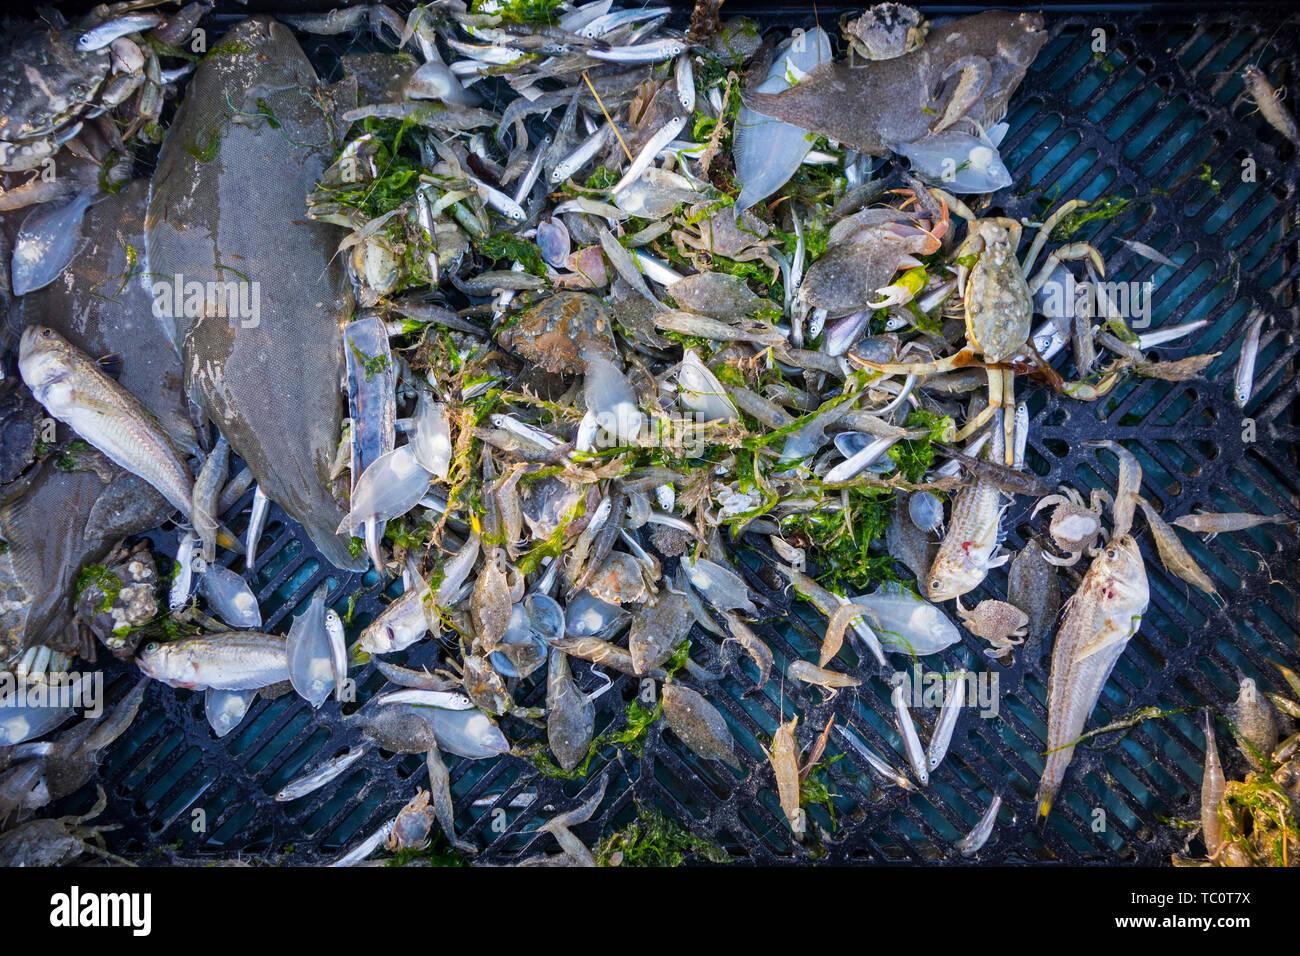 Shrimper le catture di pesca di gamberi da trascinare net sulla spiaggia che mostra i gamberetti, i granchi e pesci come il sole, lesser weever, sgombri pescati lungo la costa del Mare del Nord Immagini Stock